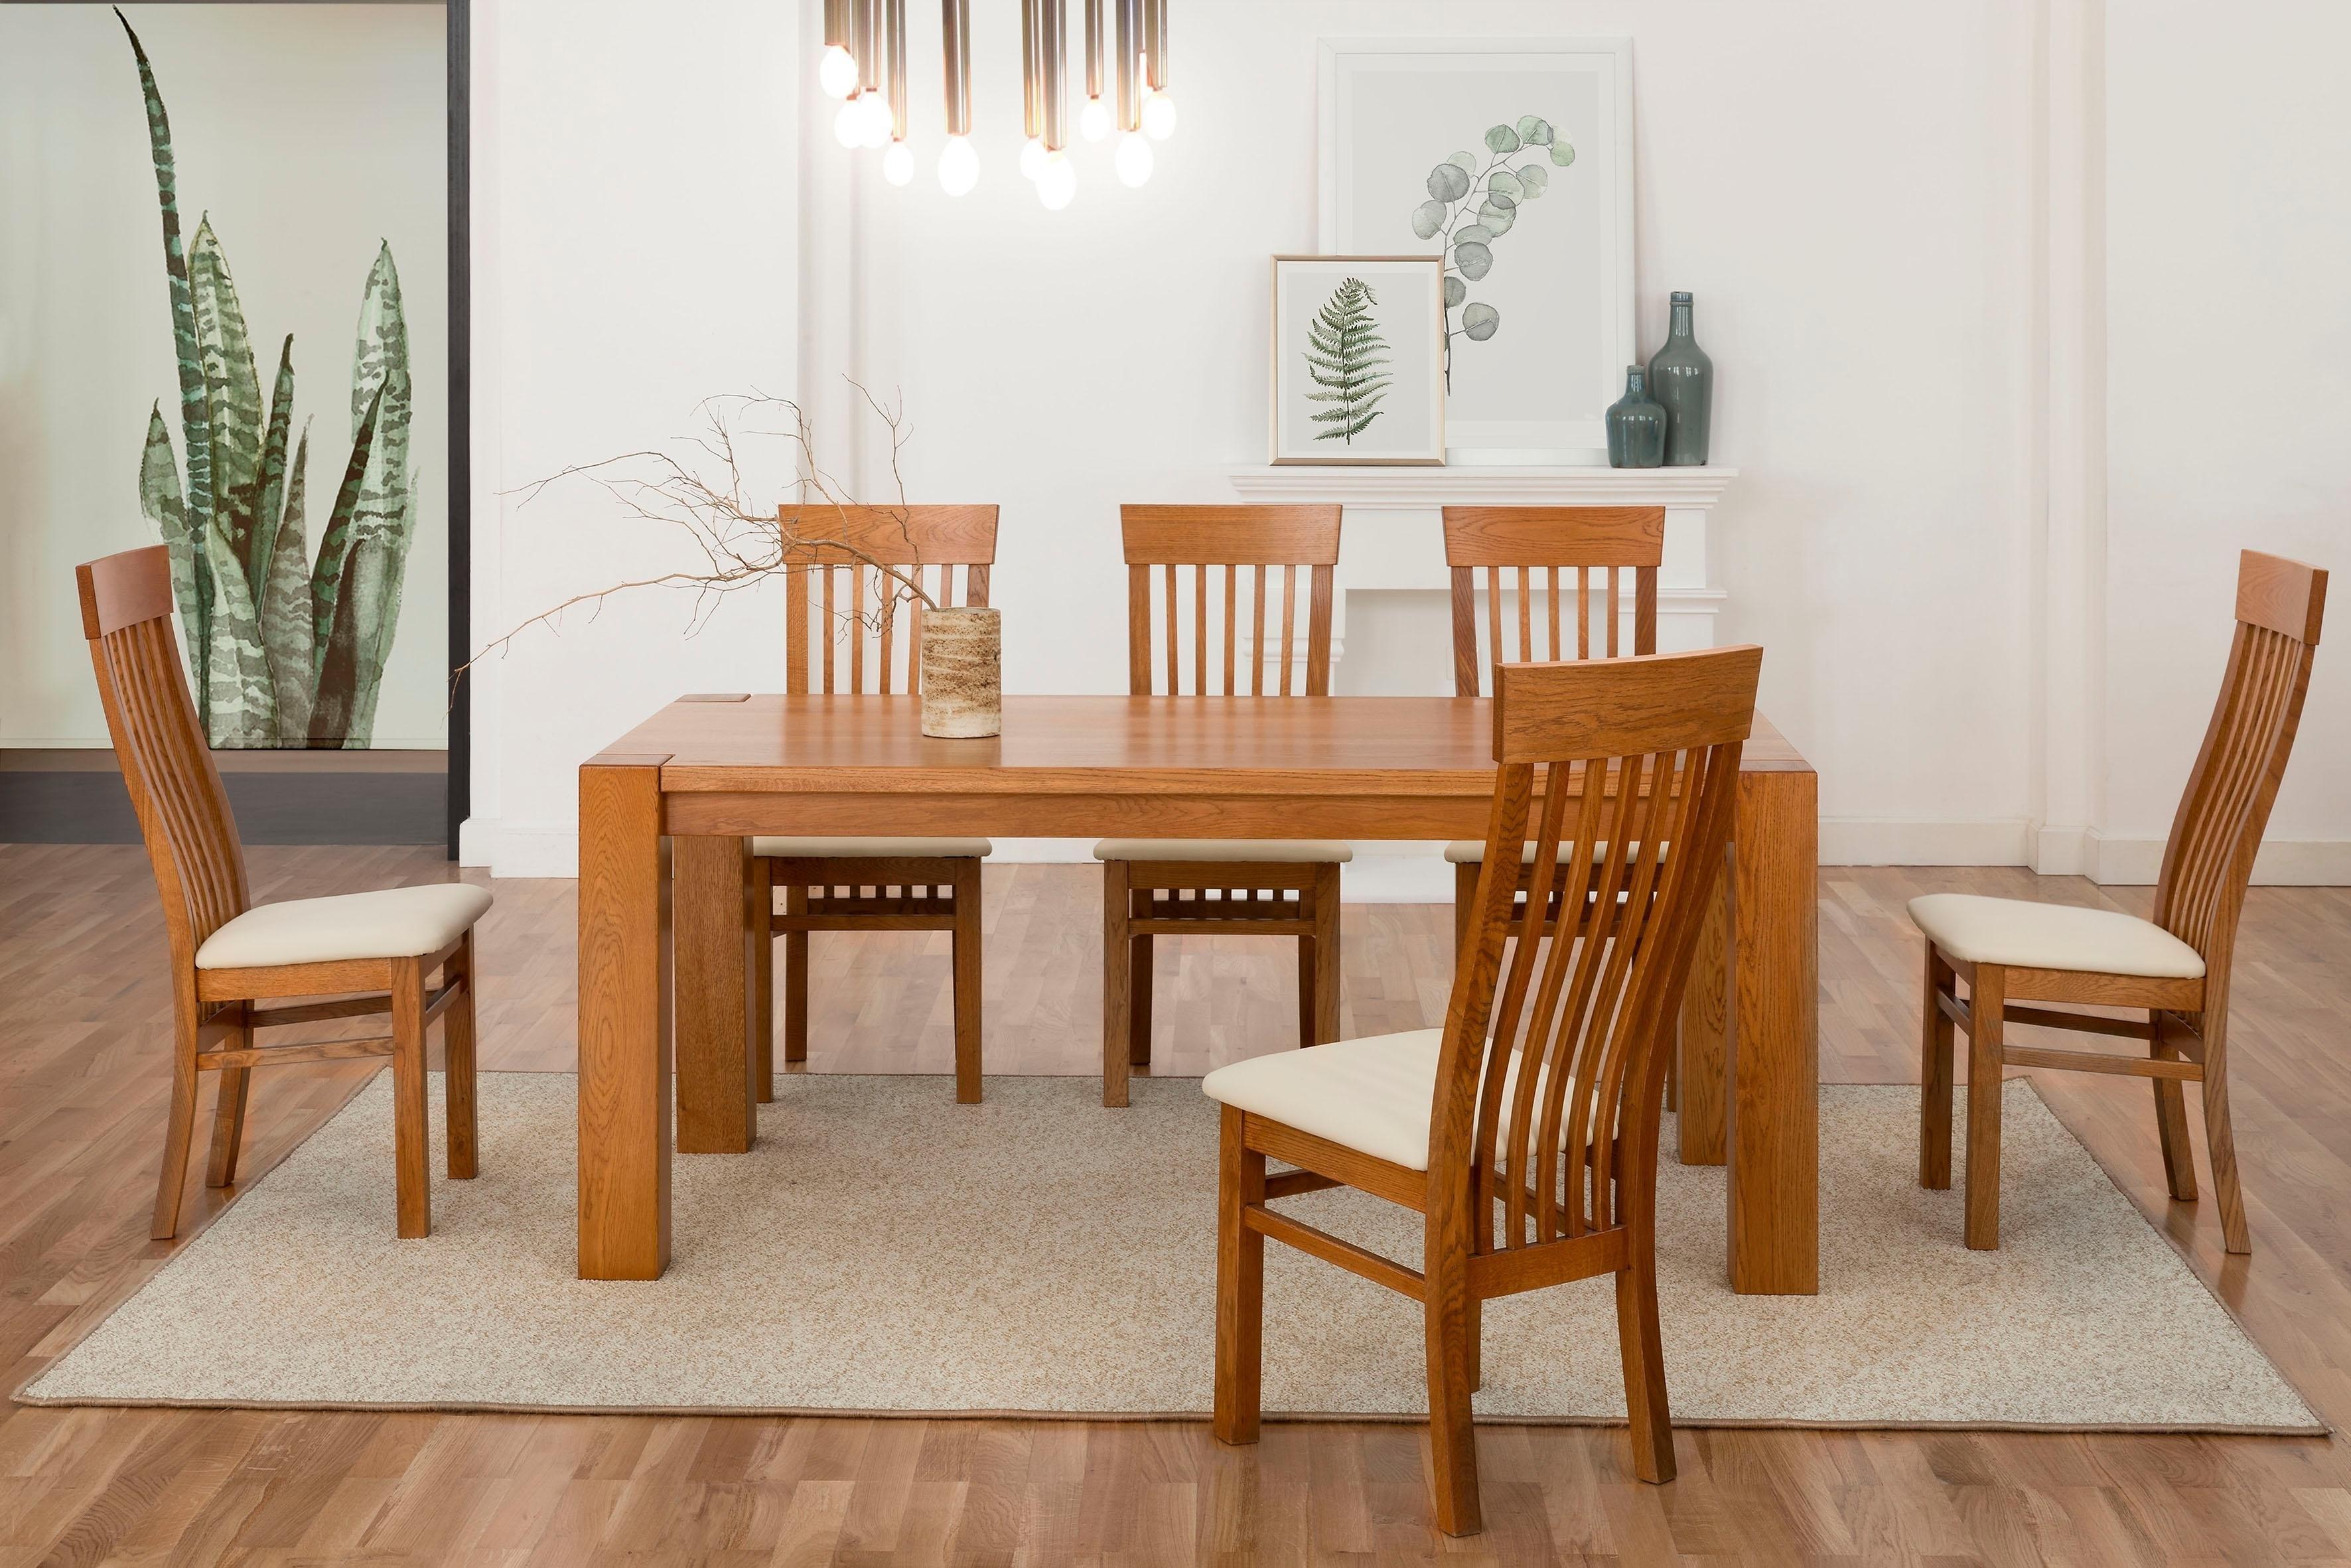 Premium collection by Home affaire stoel AMORE van massief wildeiken (set van 2) online kopen op otto.nl